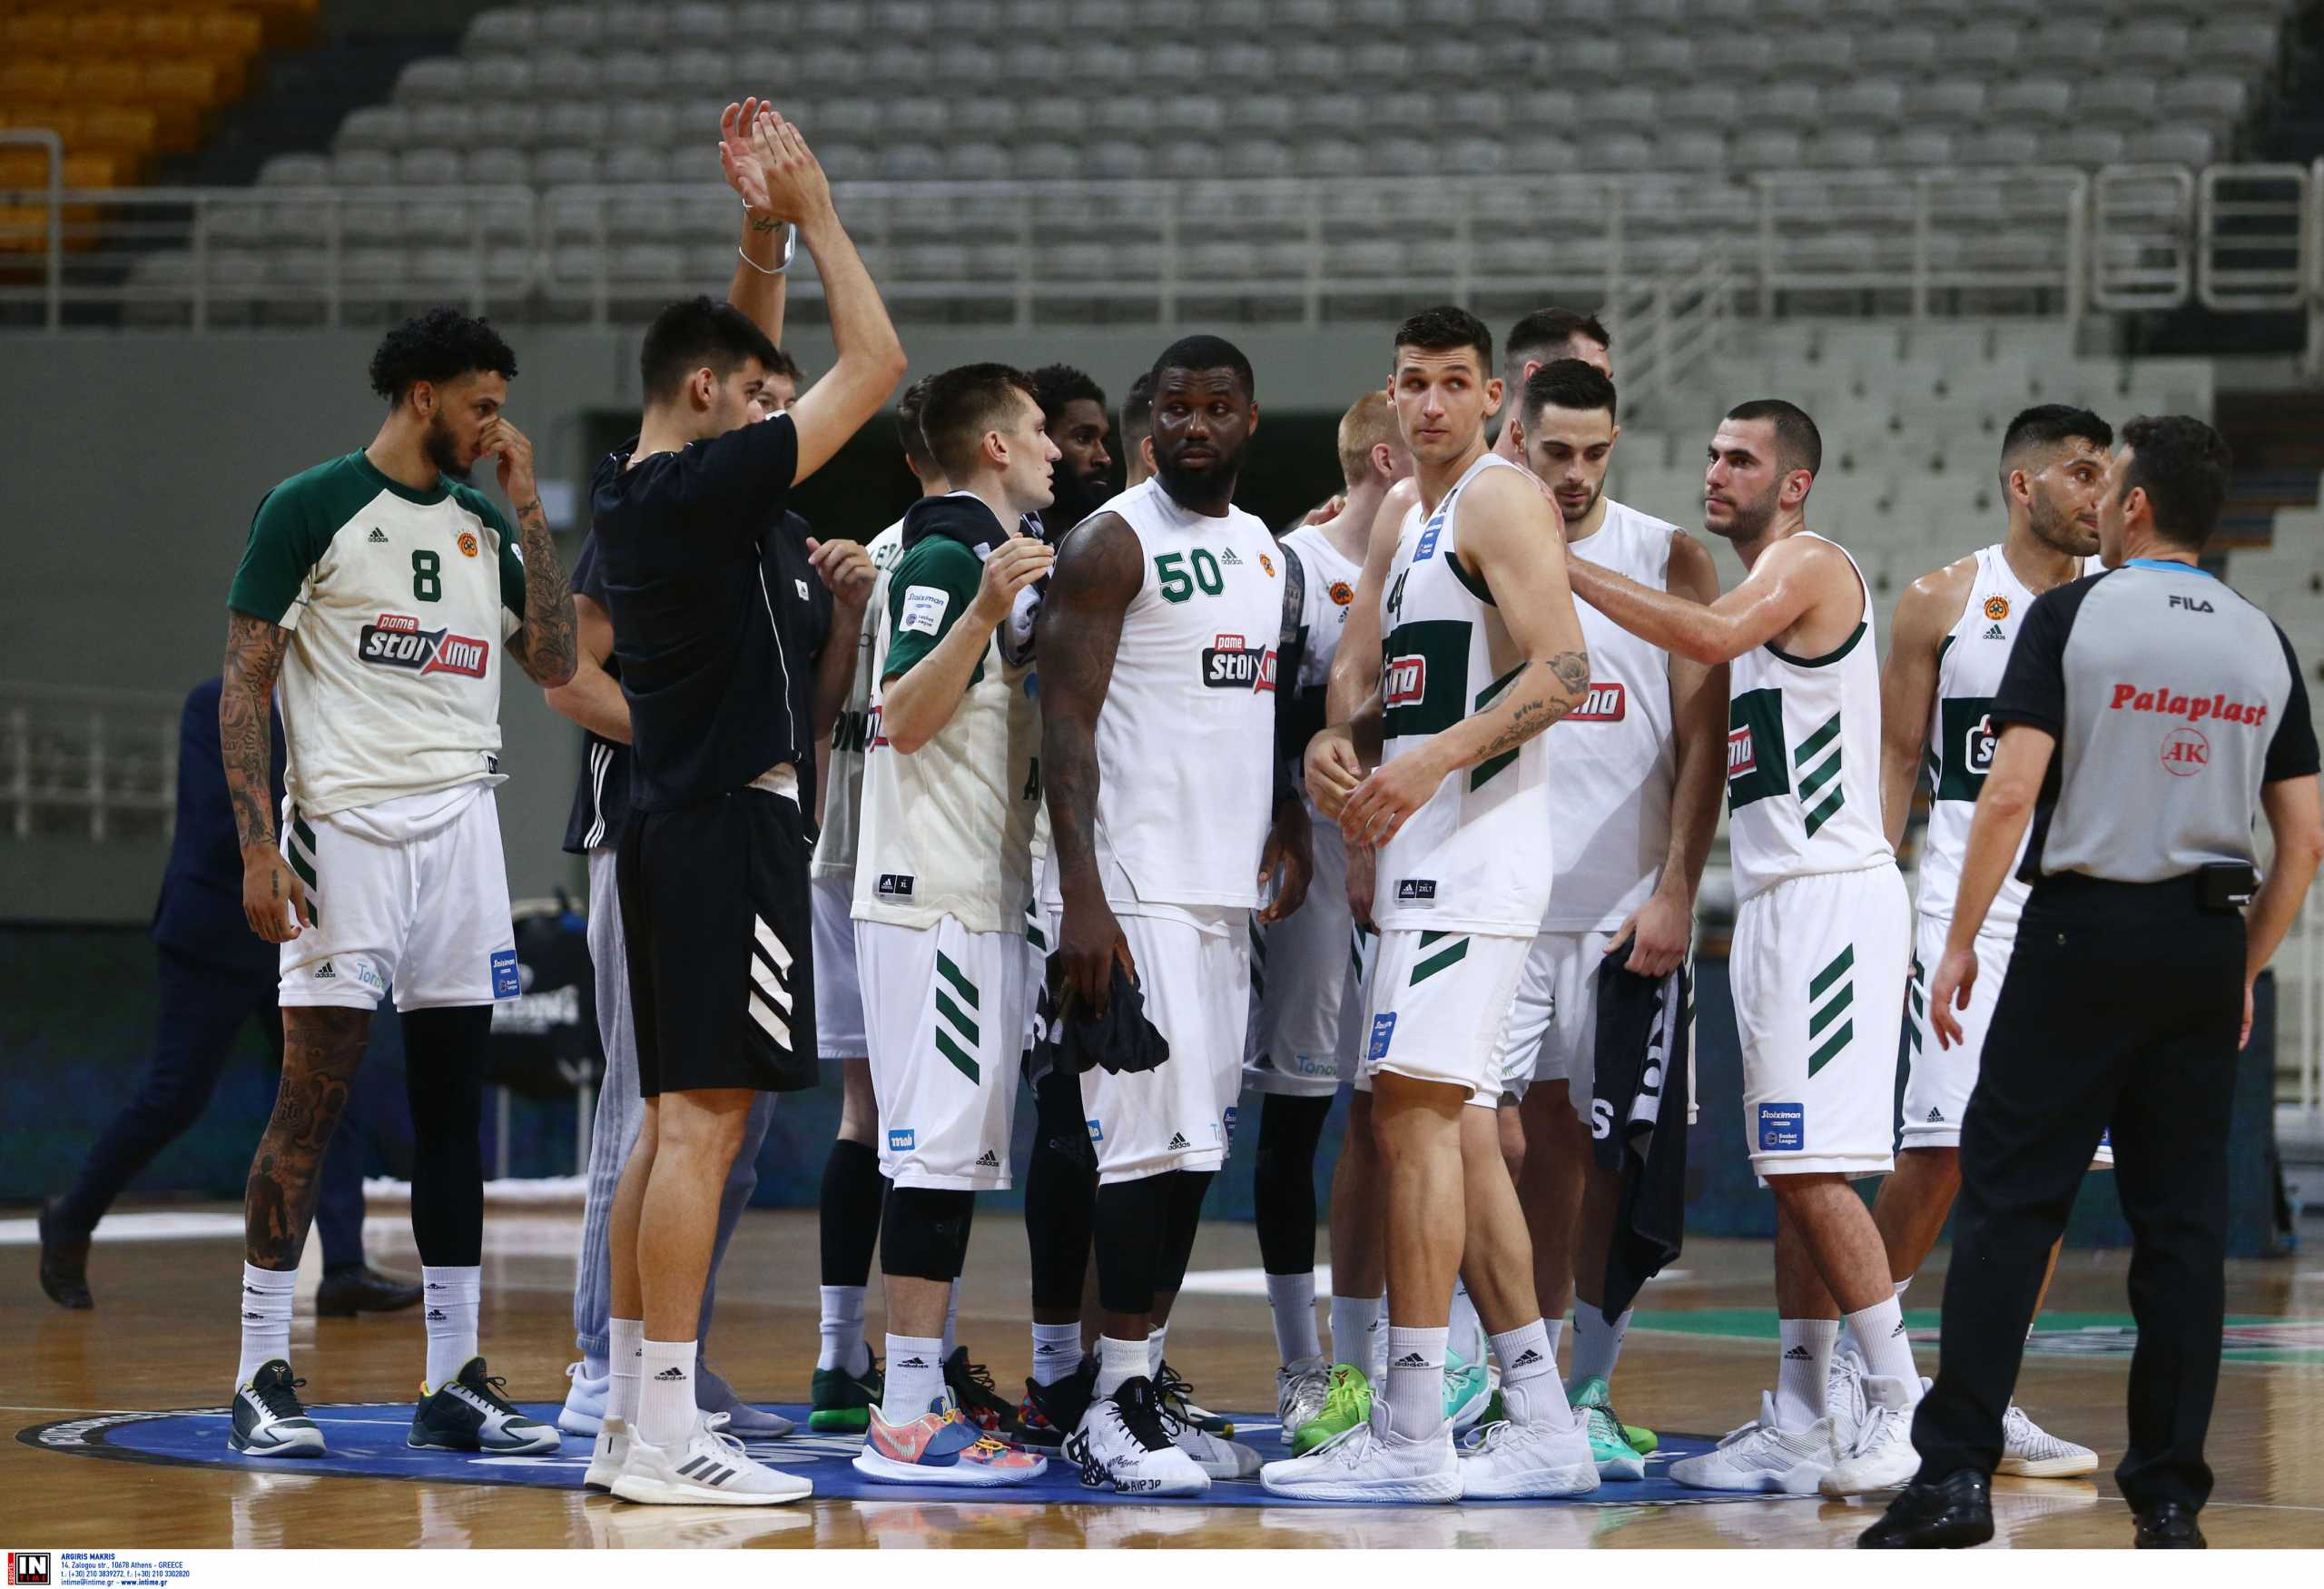 Παναθηναϊκός: Απαντήσεις για το μέλλον του τμήματος μπάσκετ